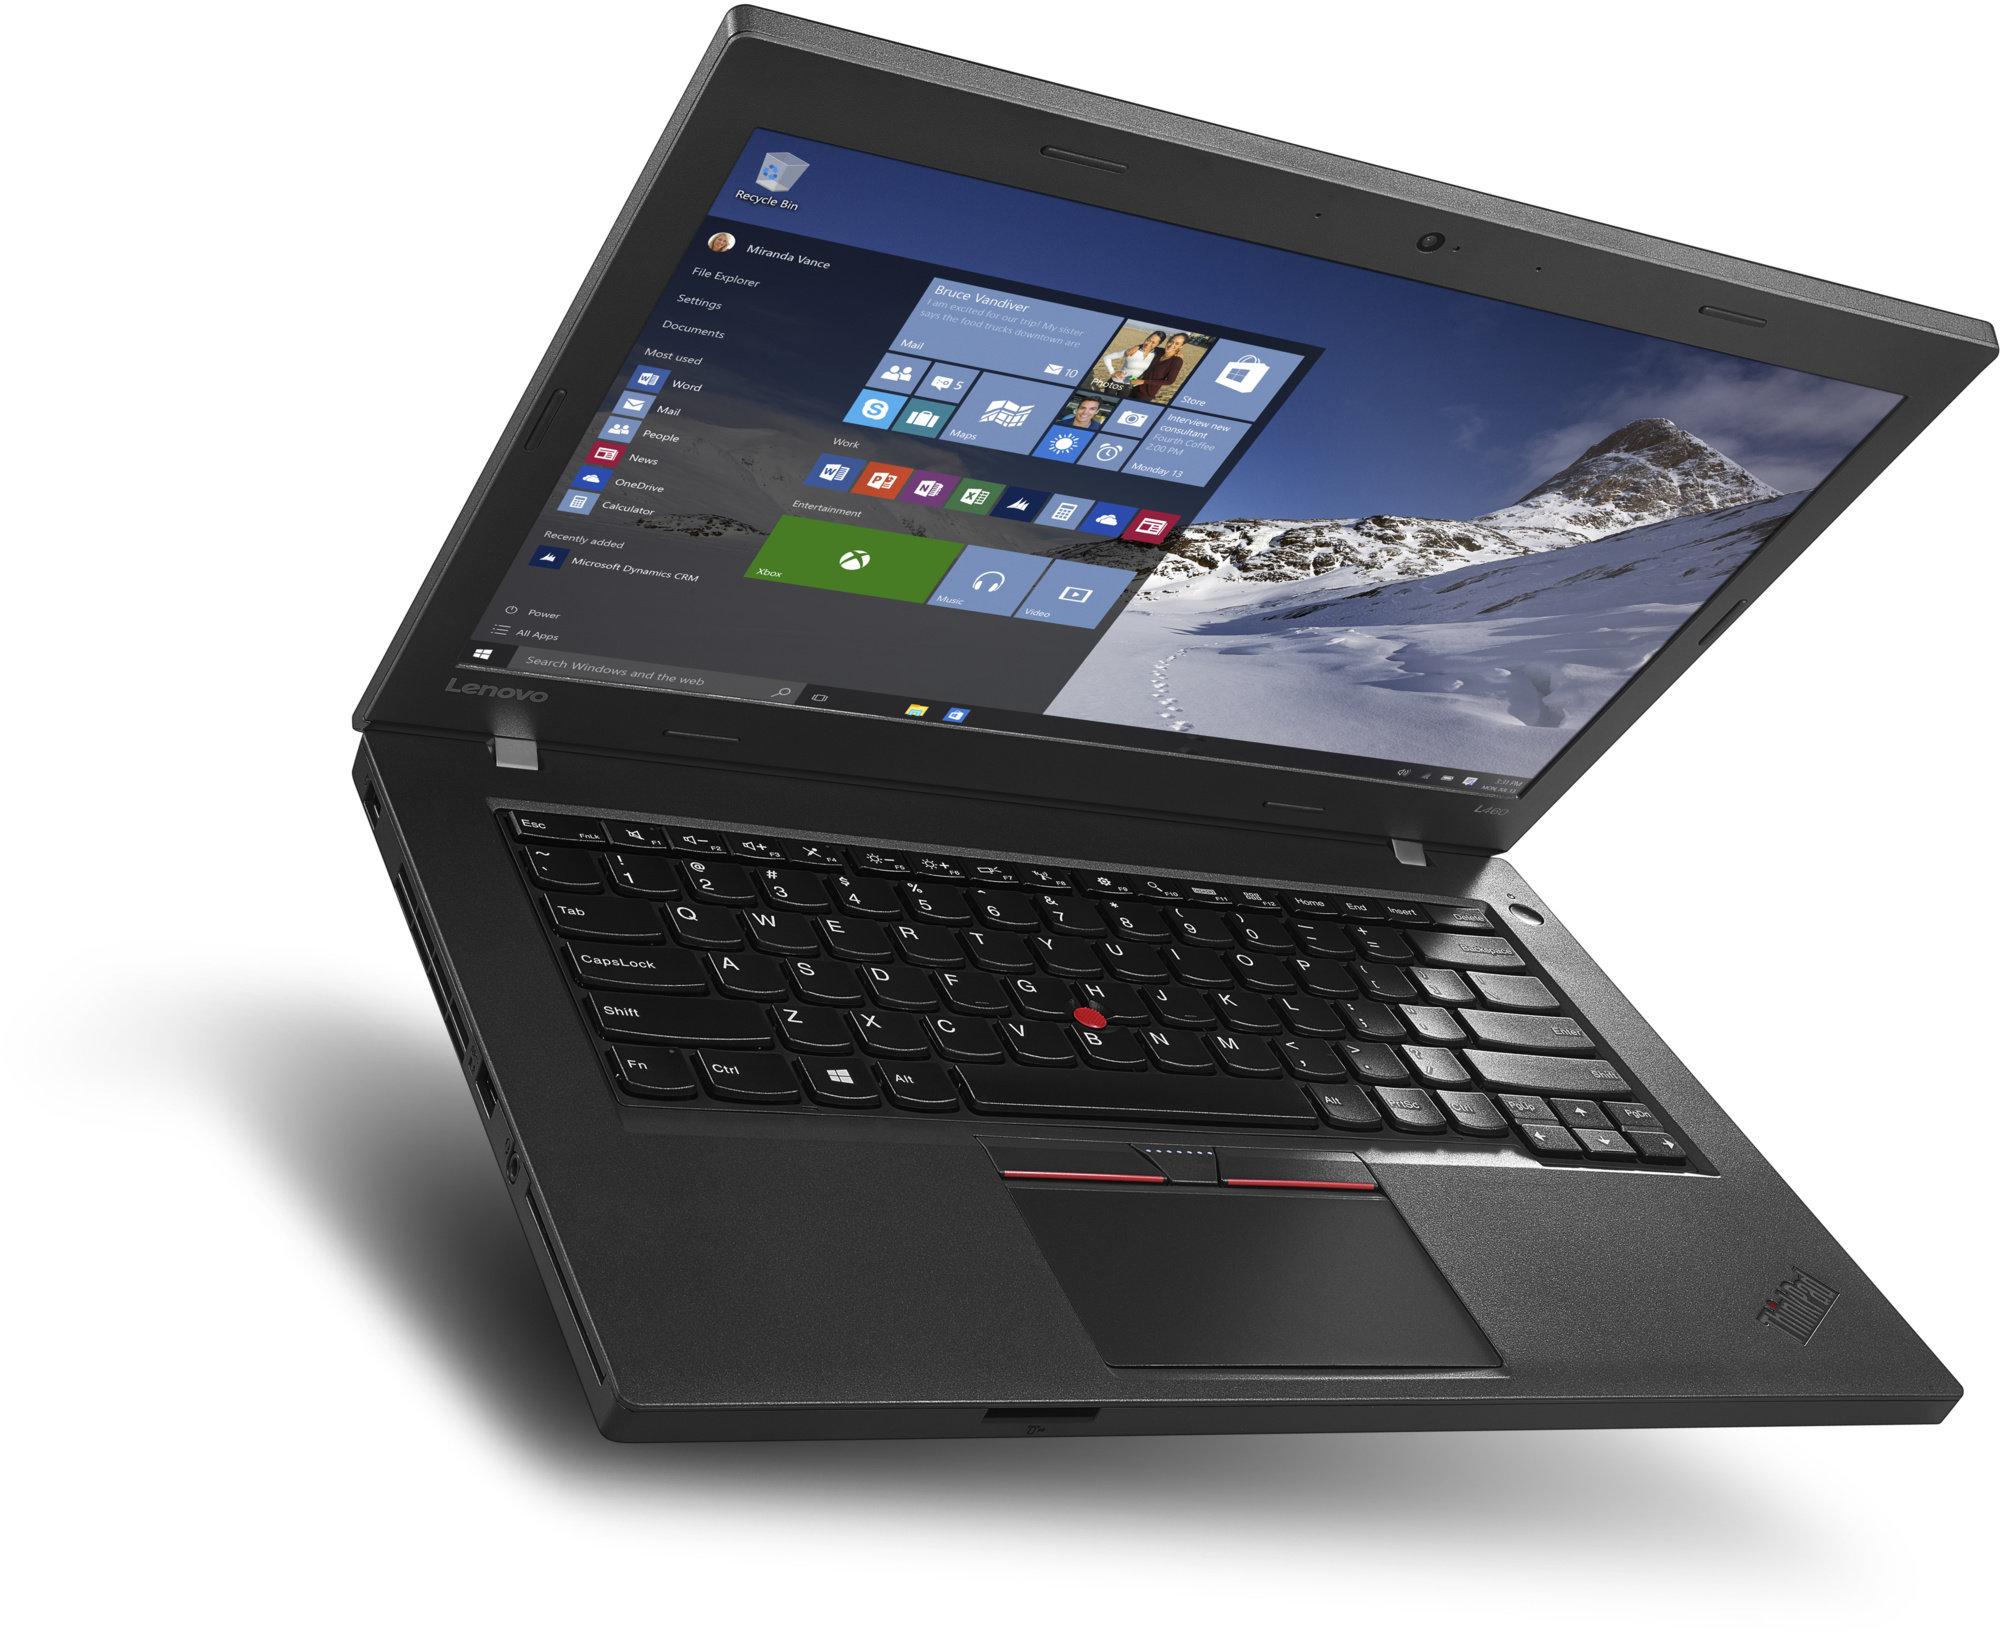 Lenovo ThinkPad L460